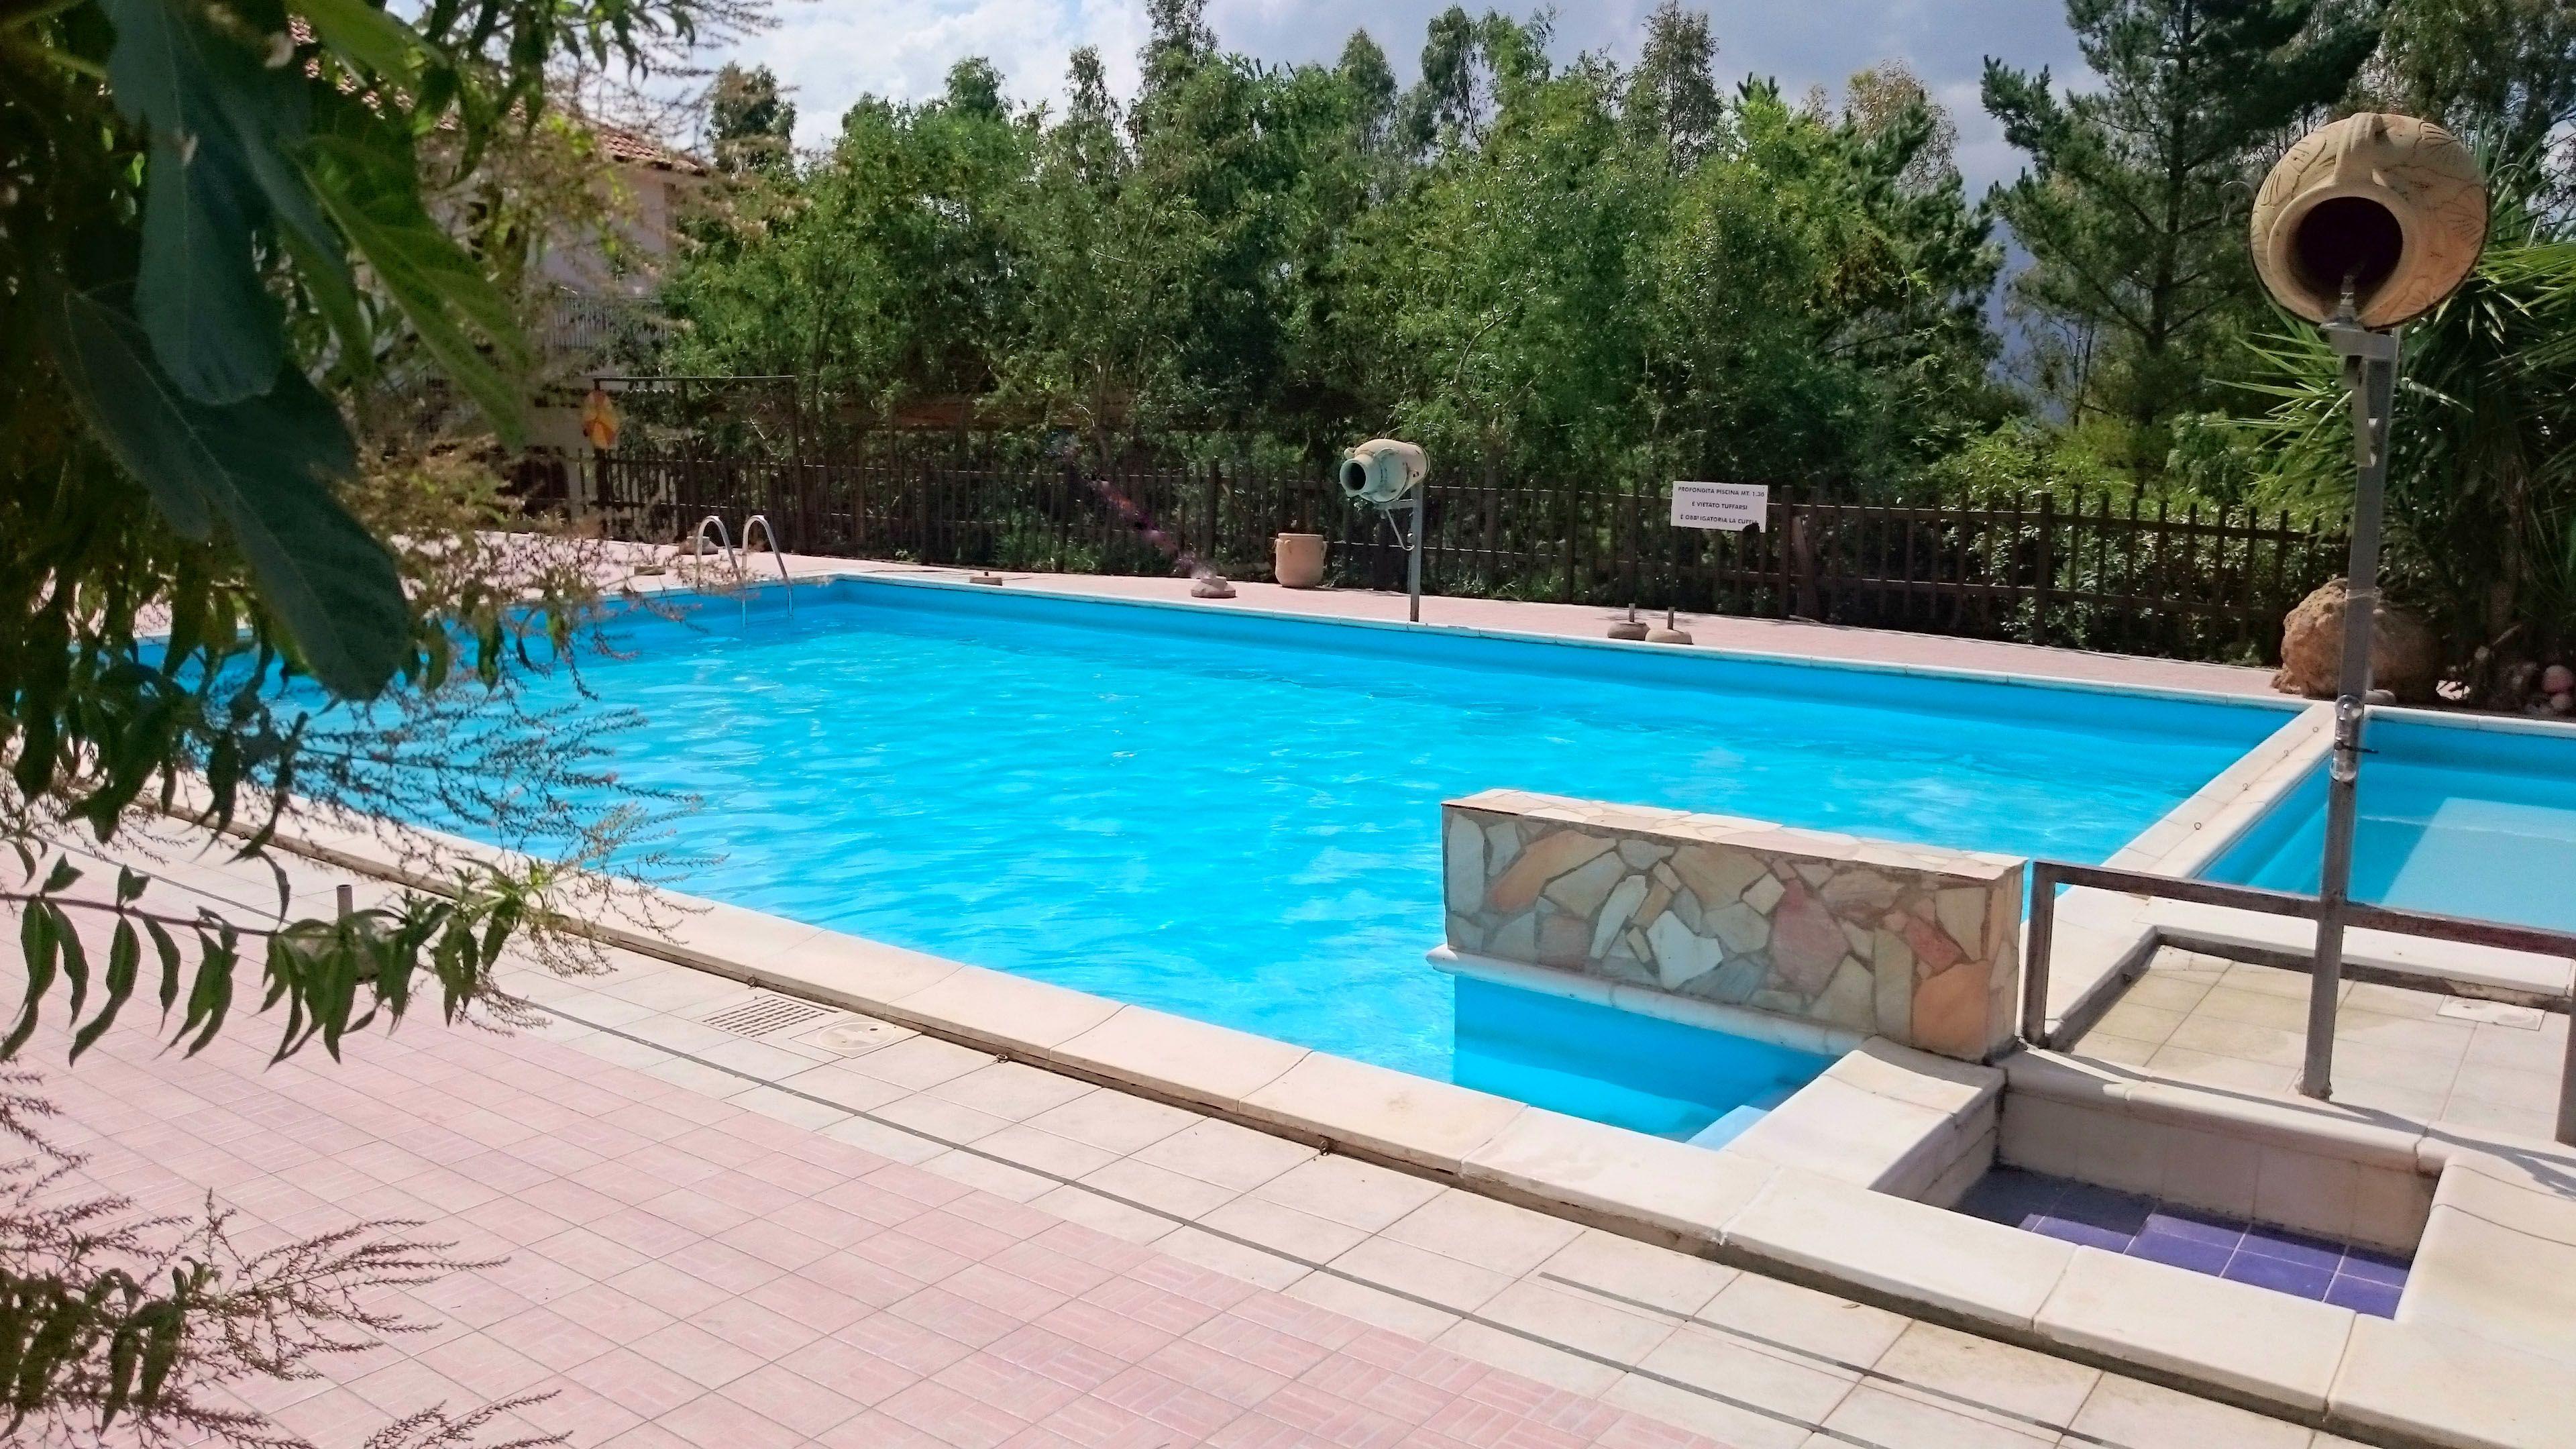 Immagini di piscine per ville esterno con piscina e - Foto di piscine interrate ...